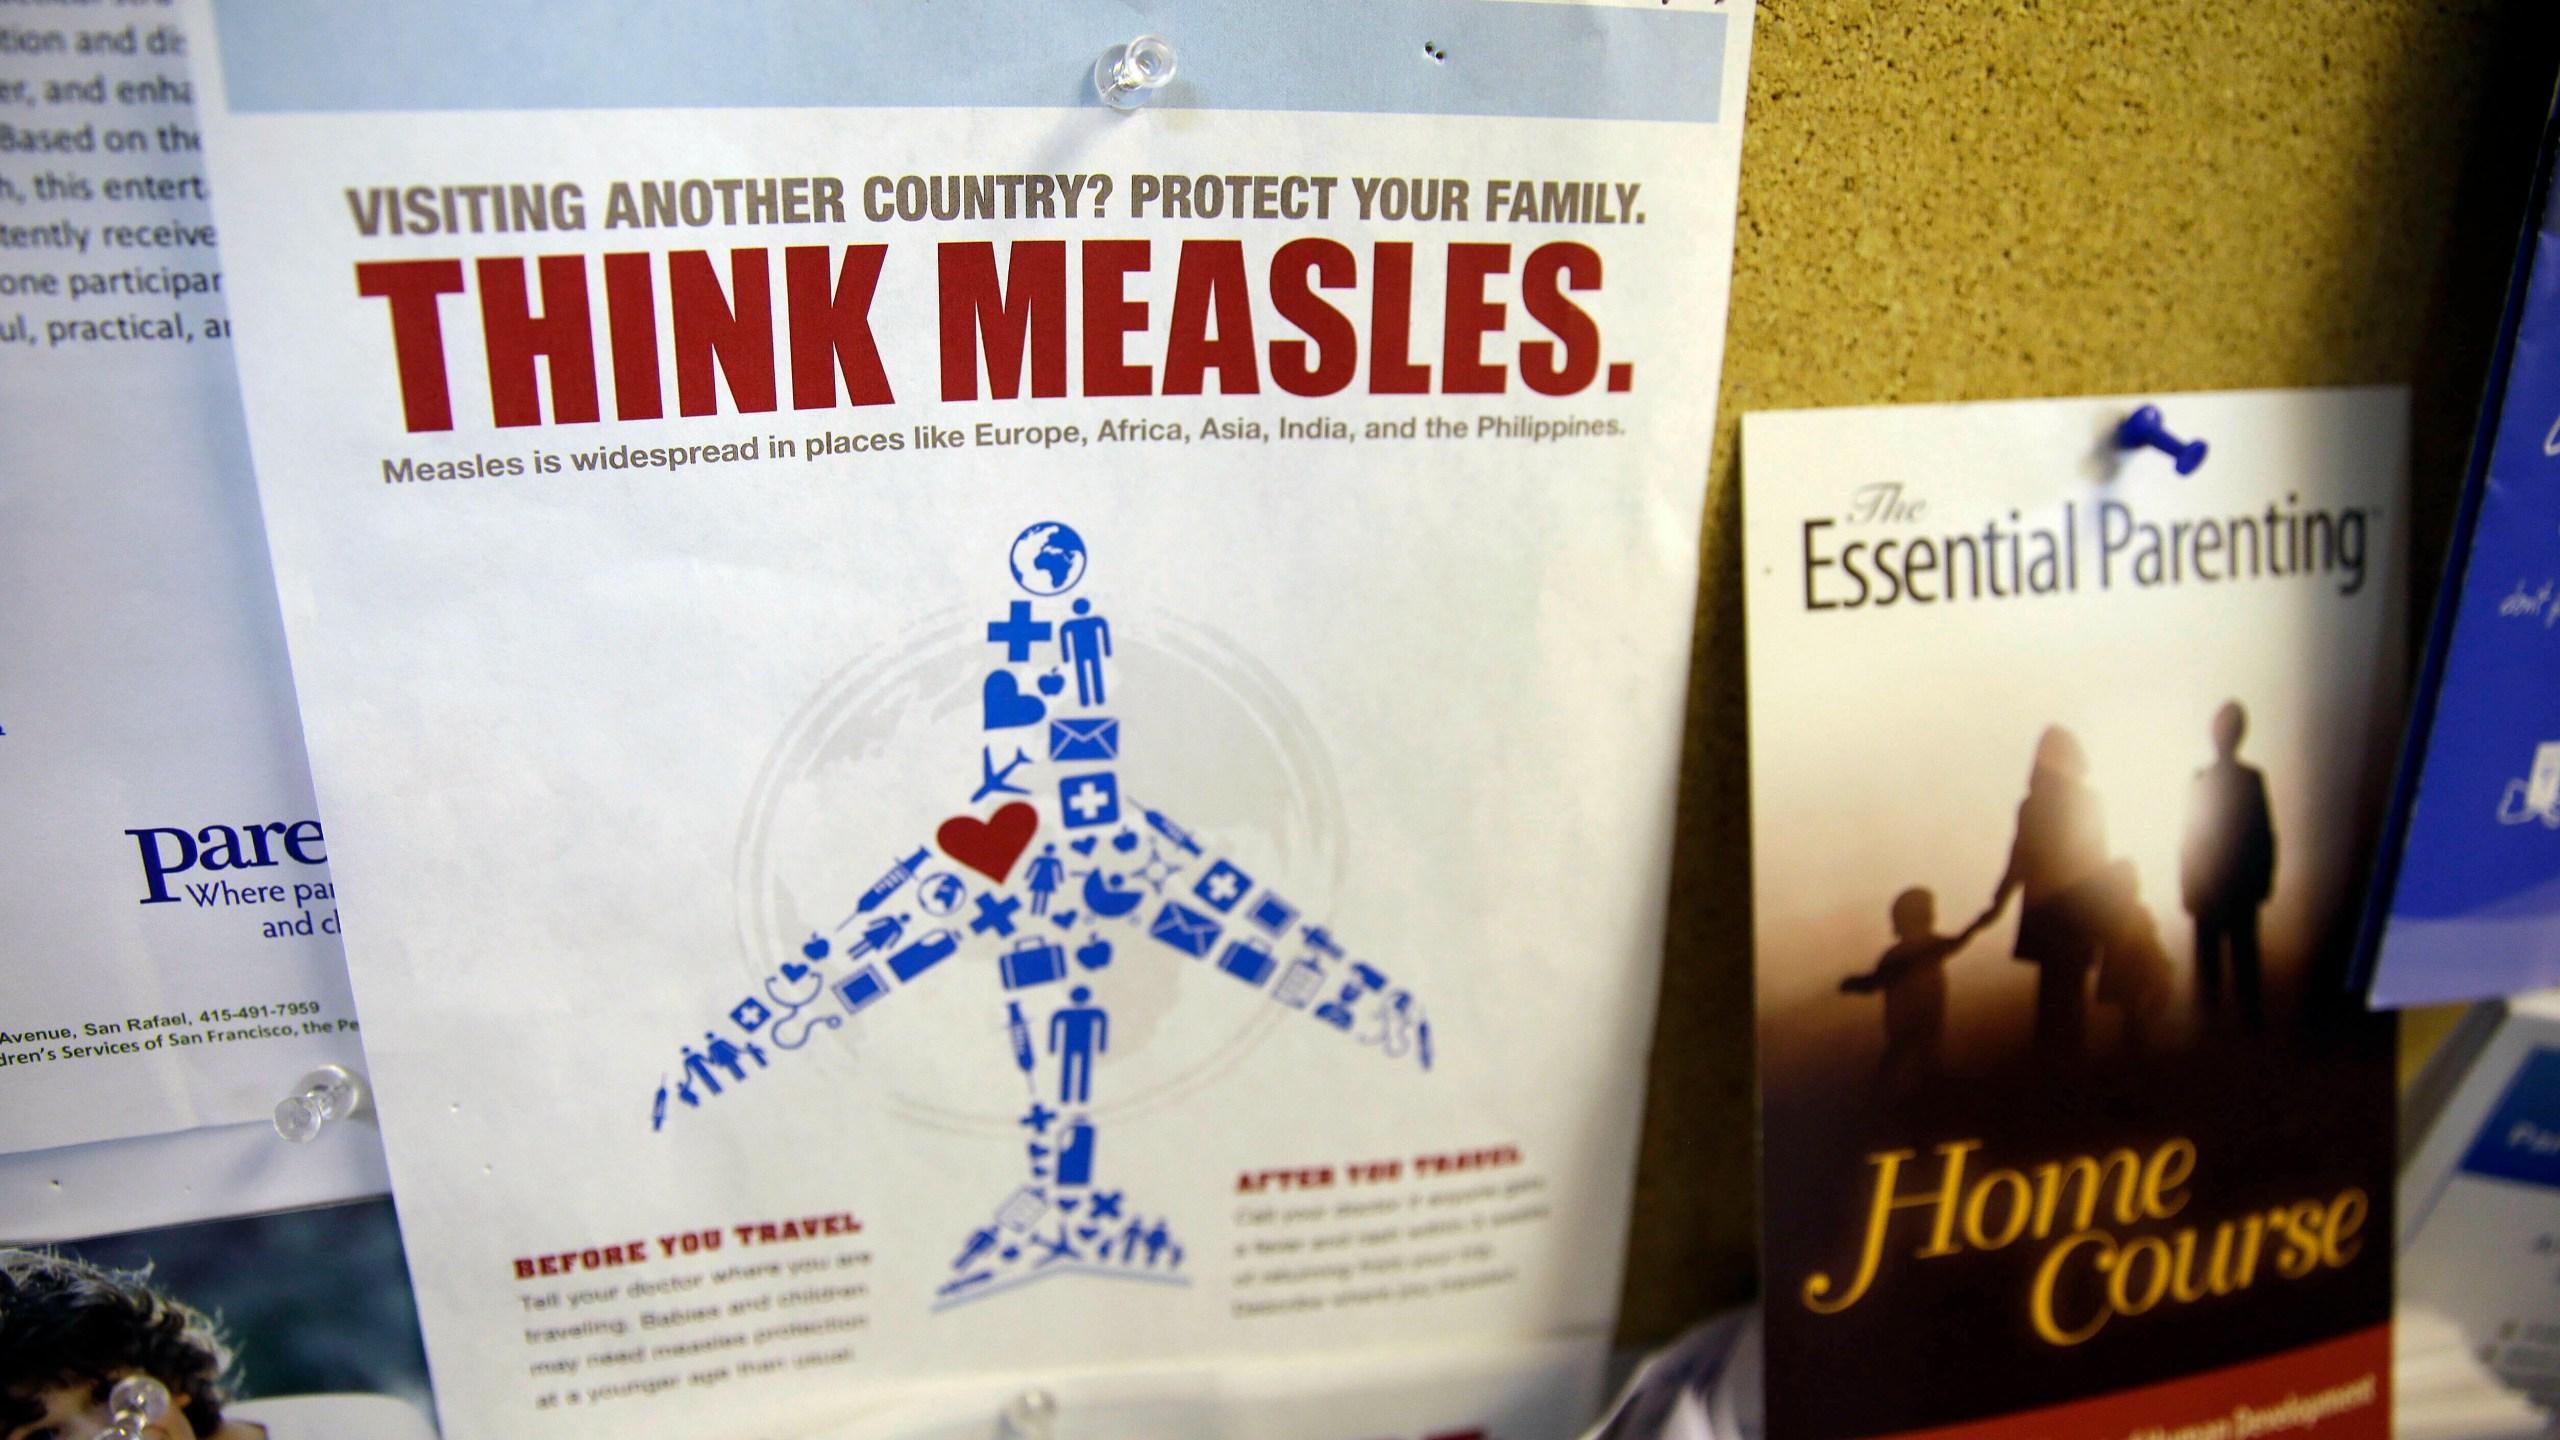 Measles_Outbreak_67120-159532.jpg06366605